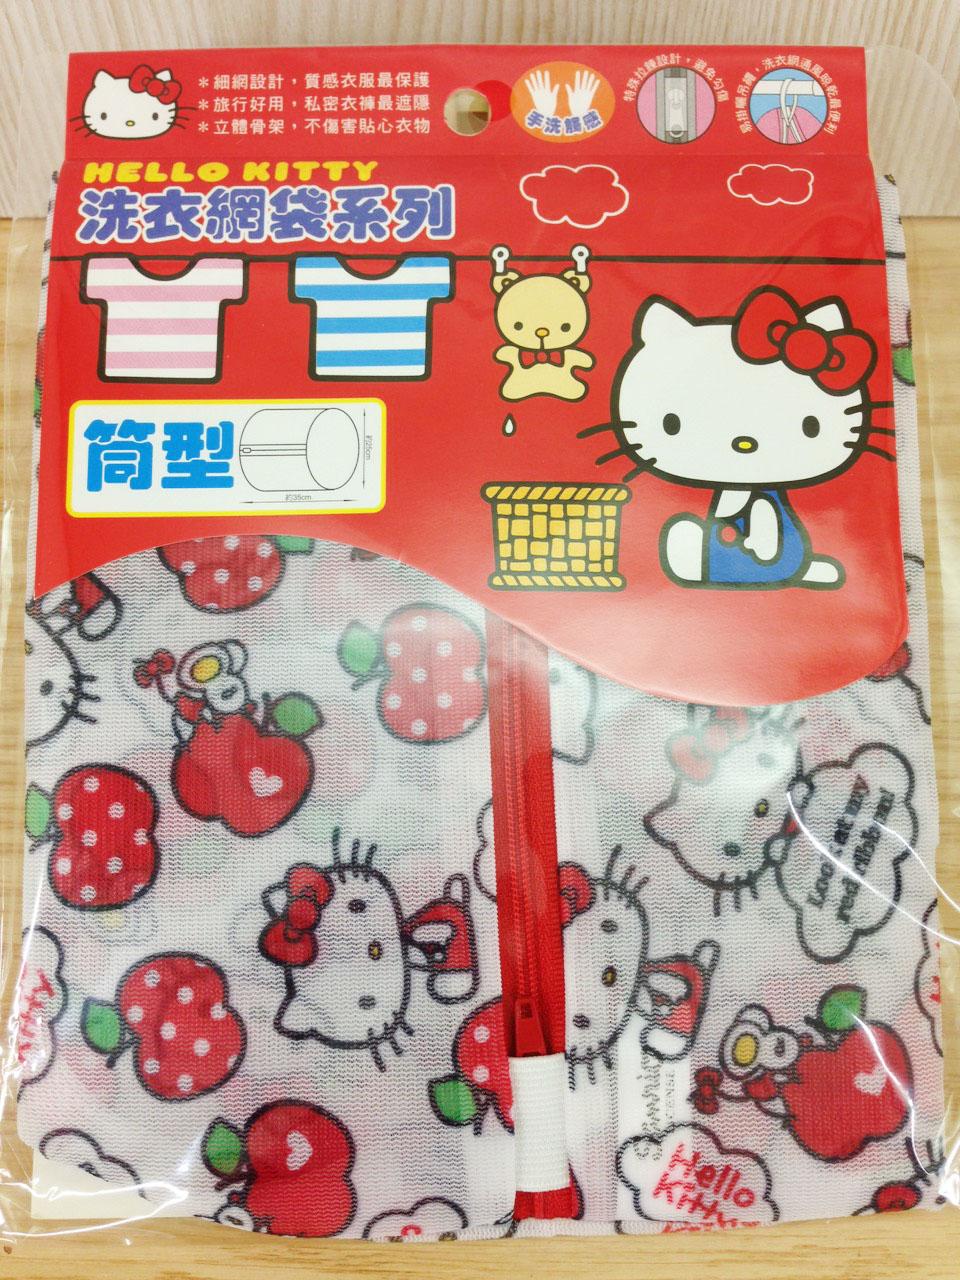 【真愛日本】16011200001洗衣網袋-筒型25*35蘋果  三麗鷗 Hello Kitty 凱蒂貓 洗衣袋 日用品 89元